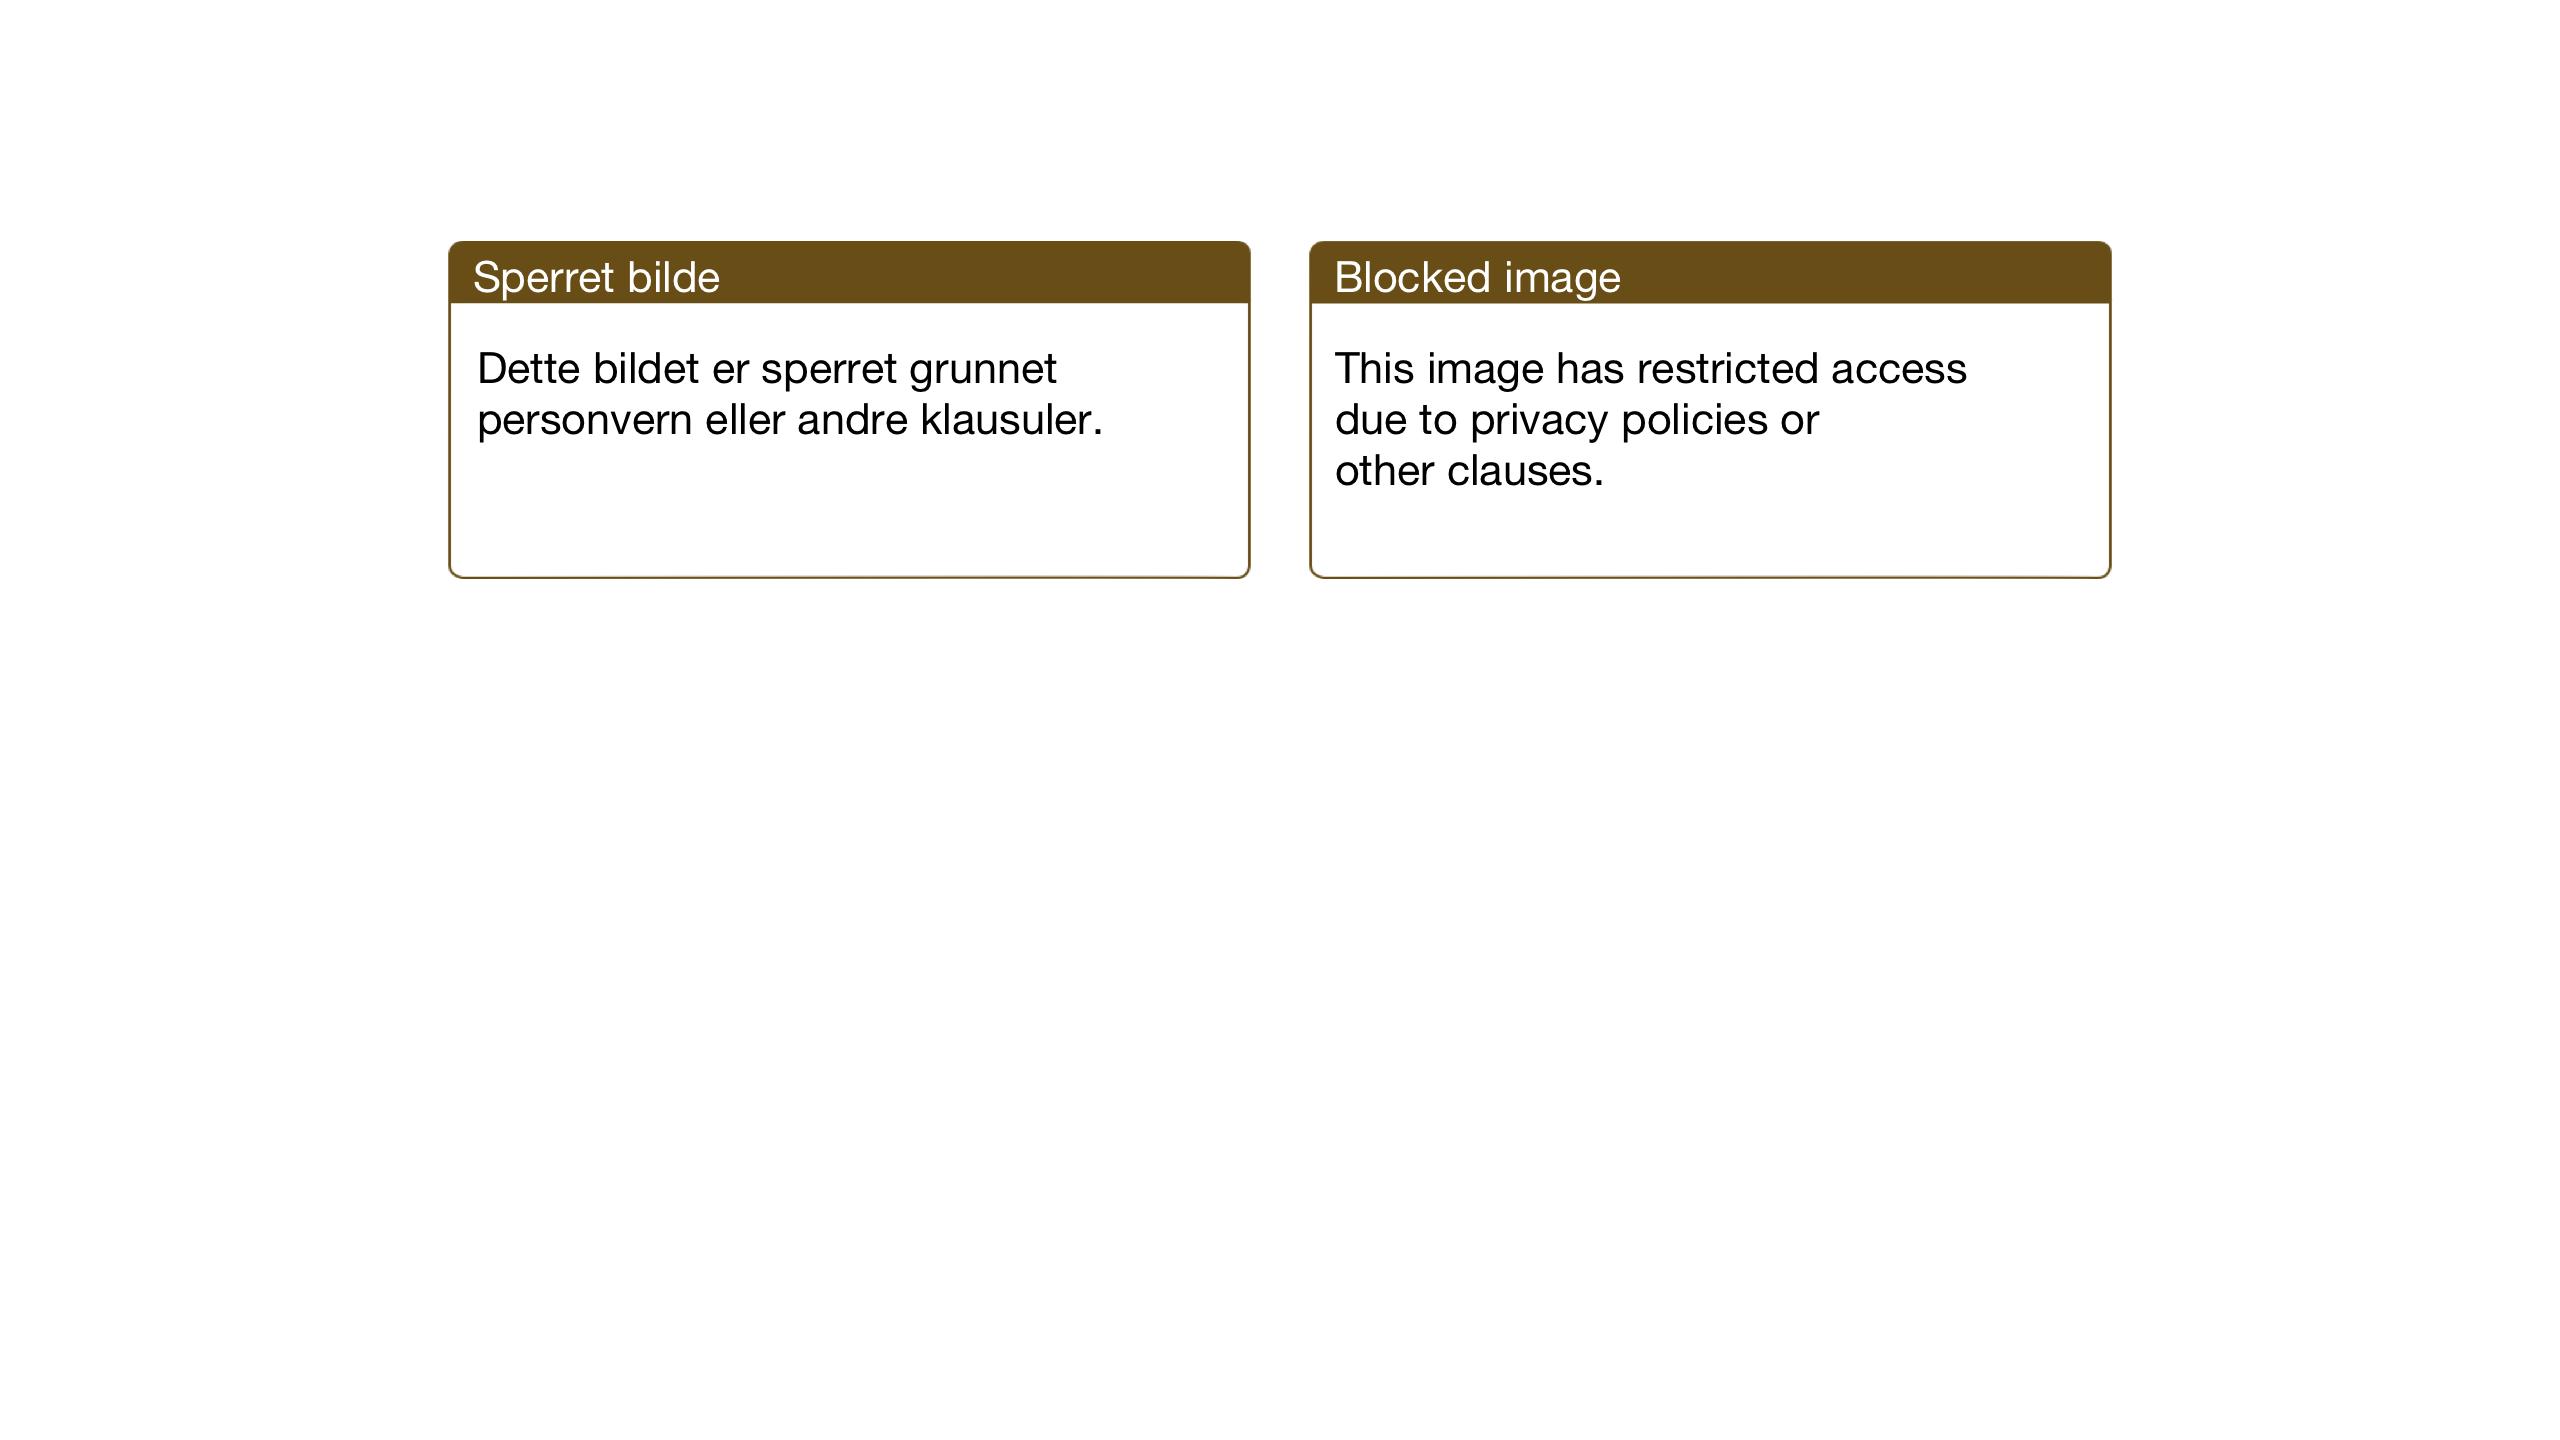 SAT, Ministerialprotokoller, klokkerbøker og fødselsregistre - Sør-Trøndelag, 638/L0569: Klokkerbok nr. 638C01, 1923-1961, s. 103